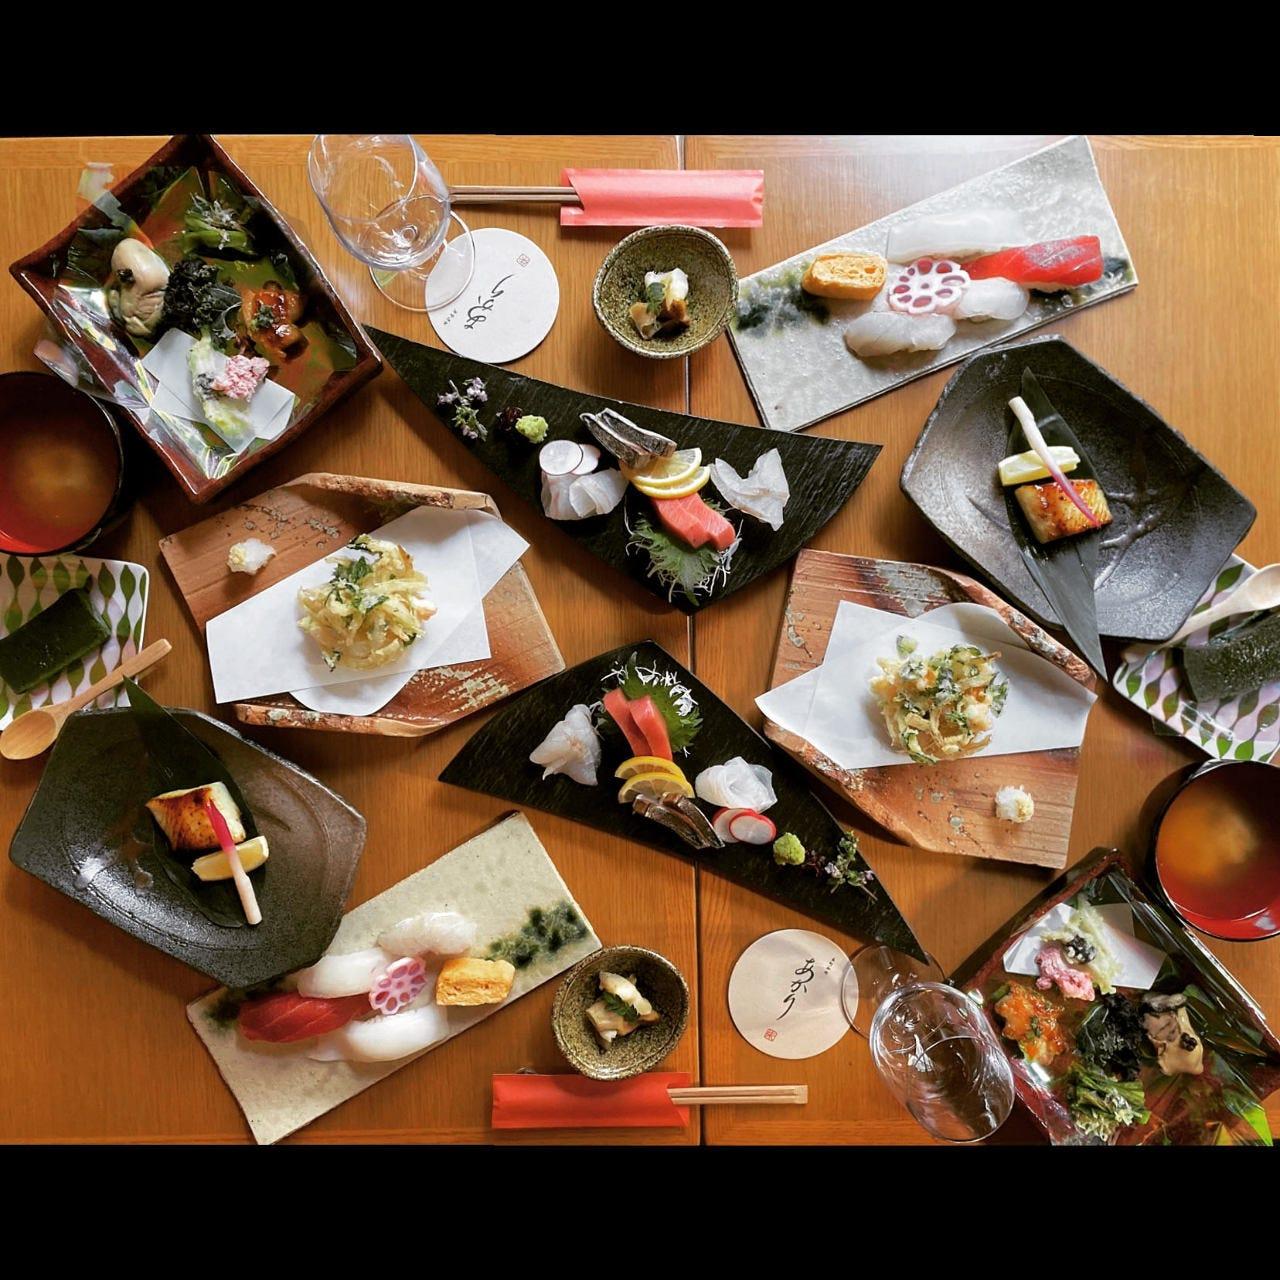 【~朱特別コース~】東北の旬の食材と、職人による本格寿司を楽しめるお料理10品6,800円